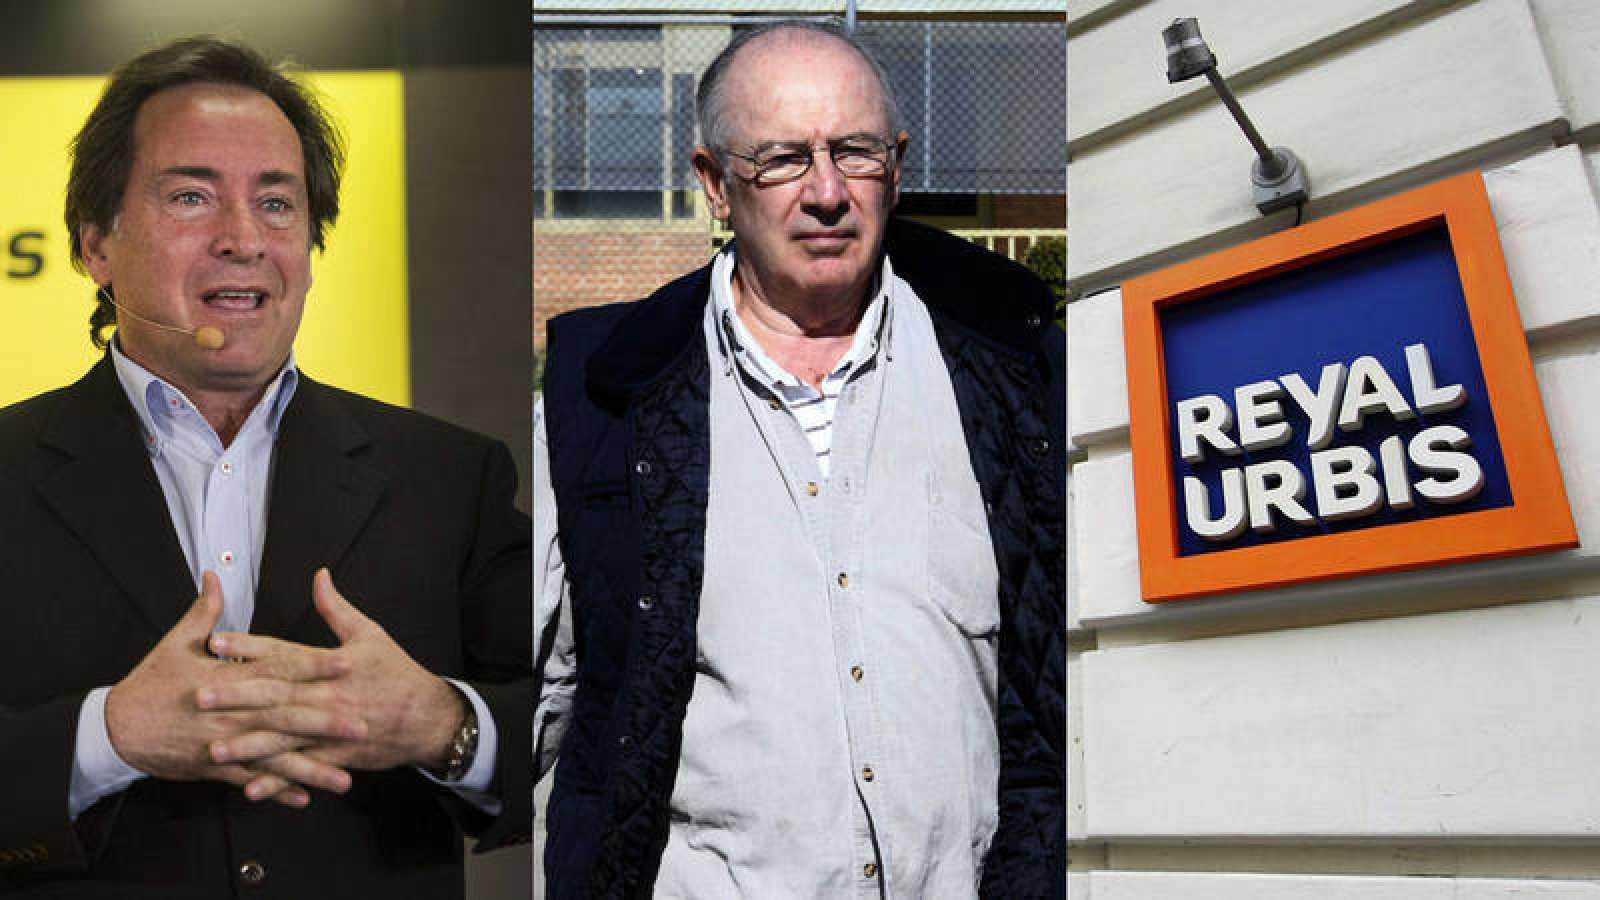 Rodrigo Rato, Sito Pons y Reyal Urbis en la lista de los morosos que deben más de un millón de euros a Hacienda